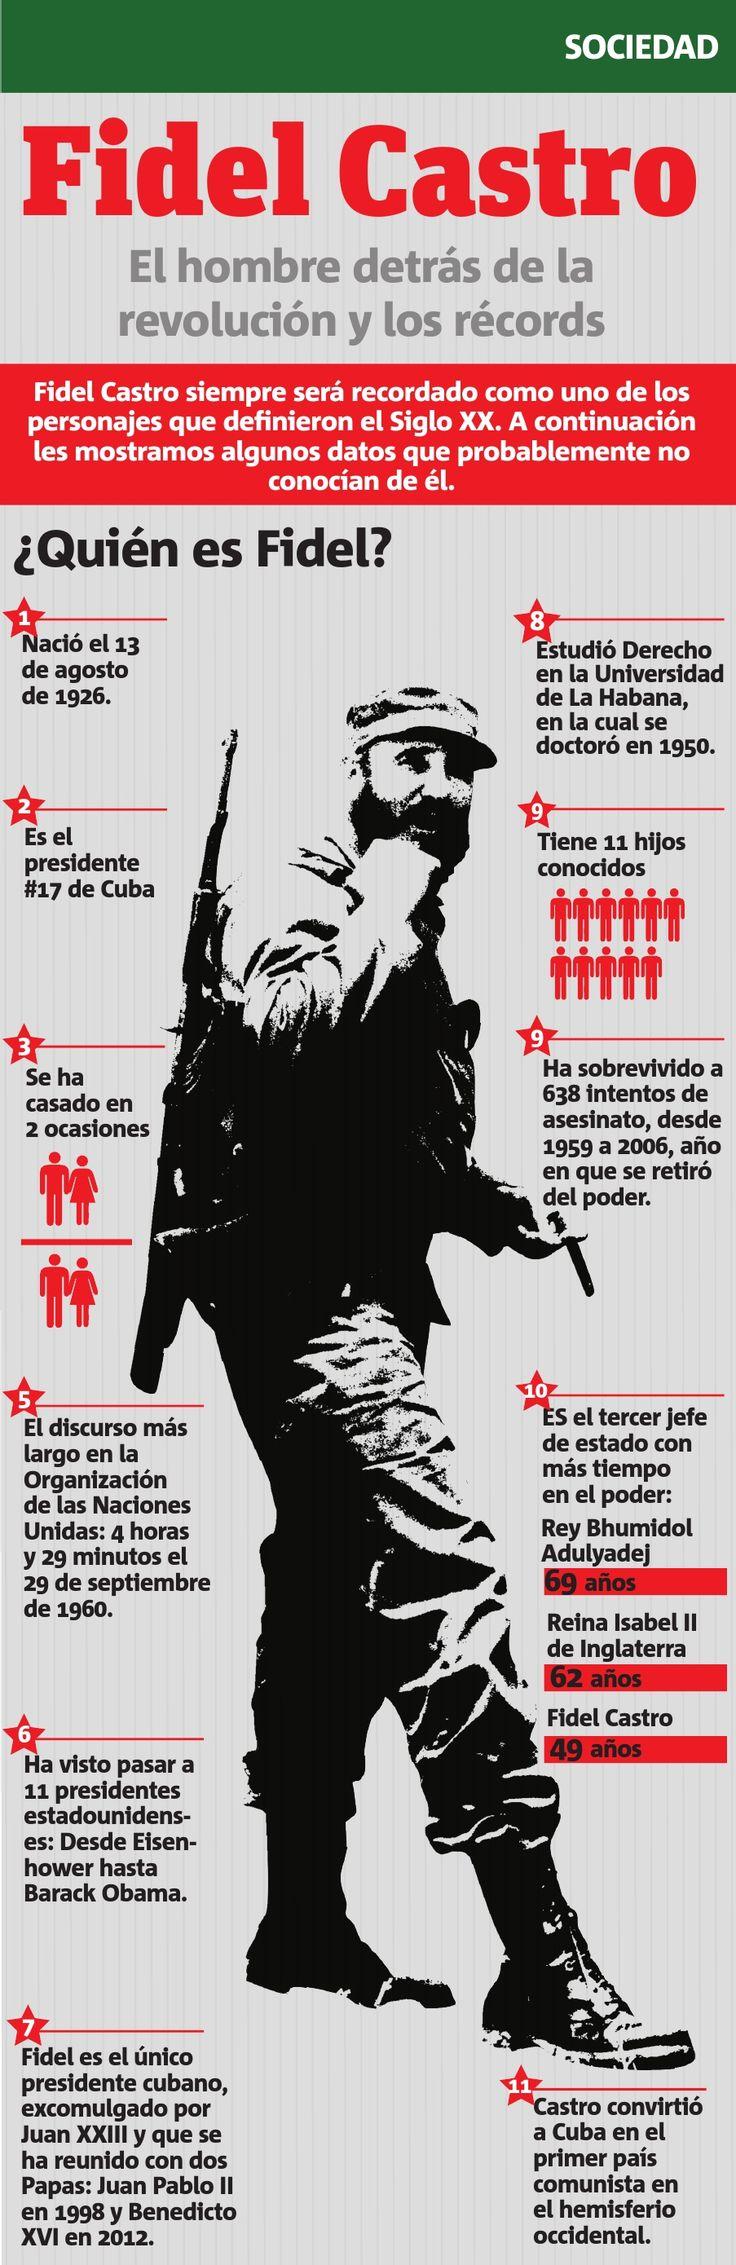 Fidel Castro. Hasta siempre, Comandante!